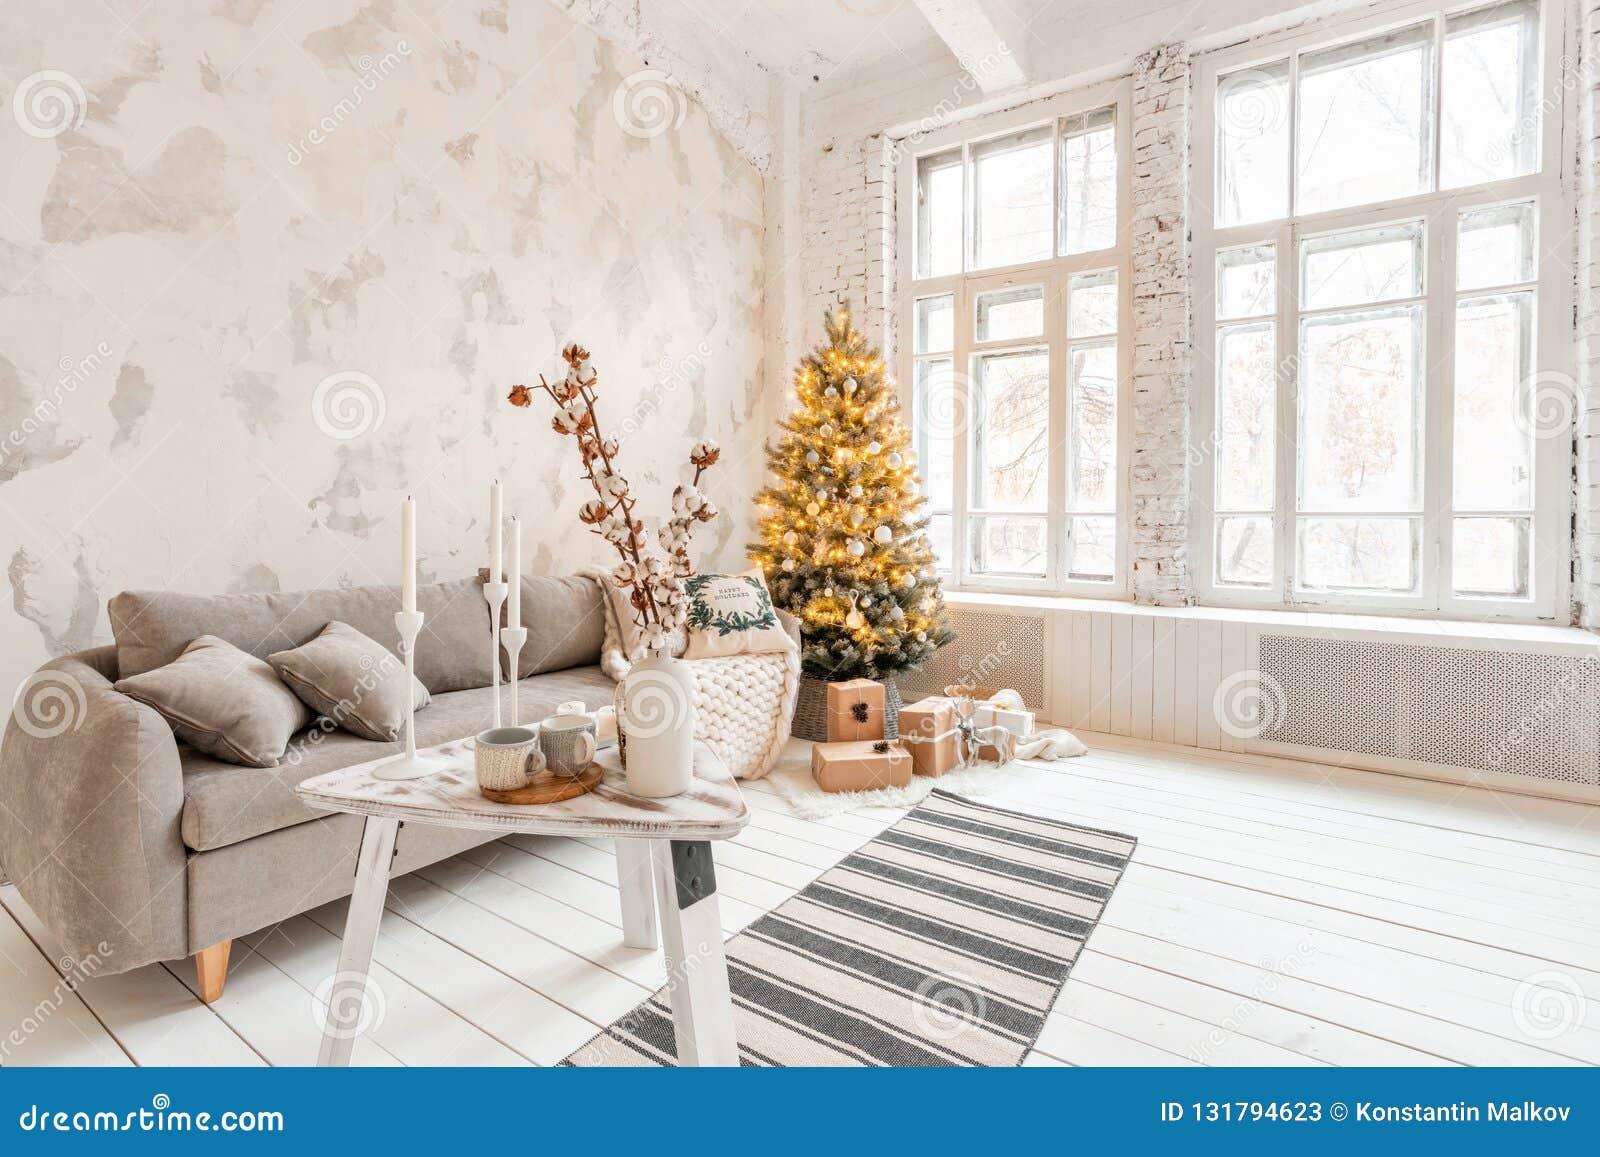 Lichte Woonkamer Met Kerstboom Comfortabele Bank Hoge Grote Vensters Lichte Witte Bakstenen Muur Stock Afbeelding Afbeelding Bestaande Uit Modern Boog 131794623